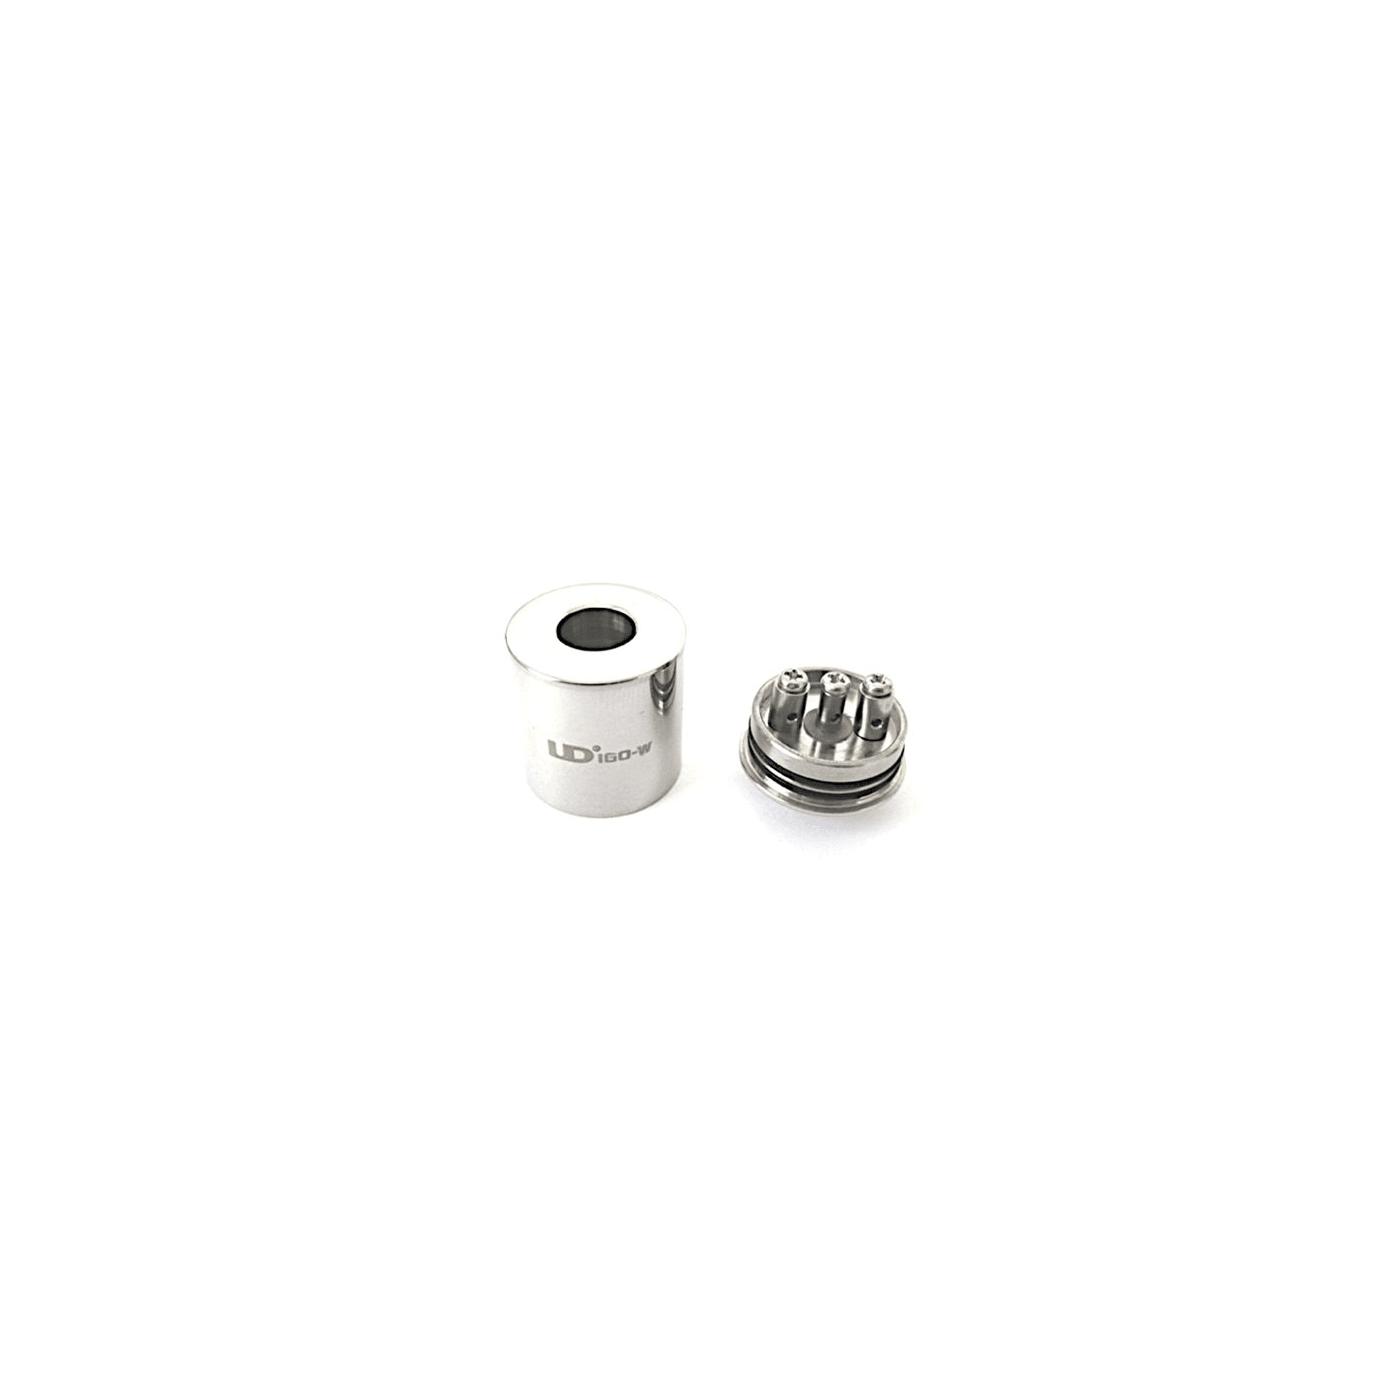 IGO-W - Dual Coil Rebuildable Atomizer